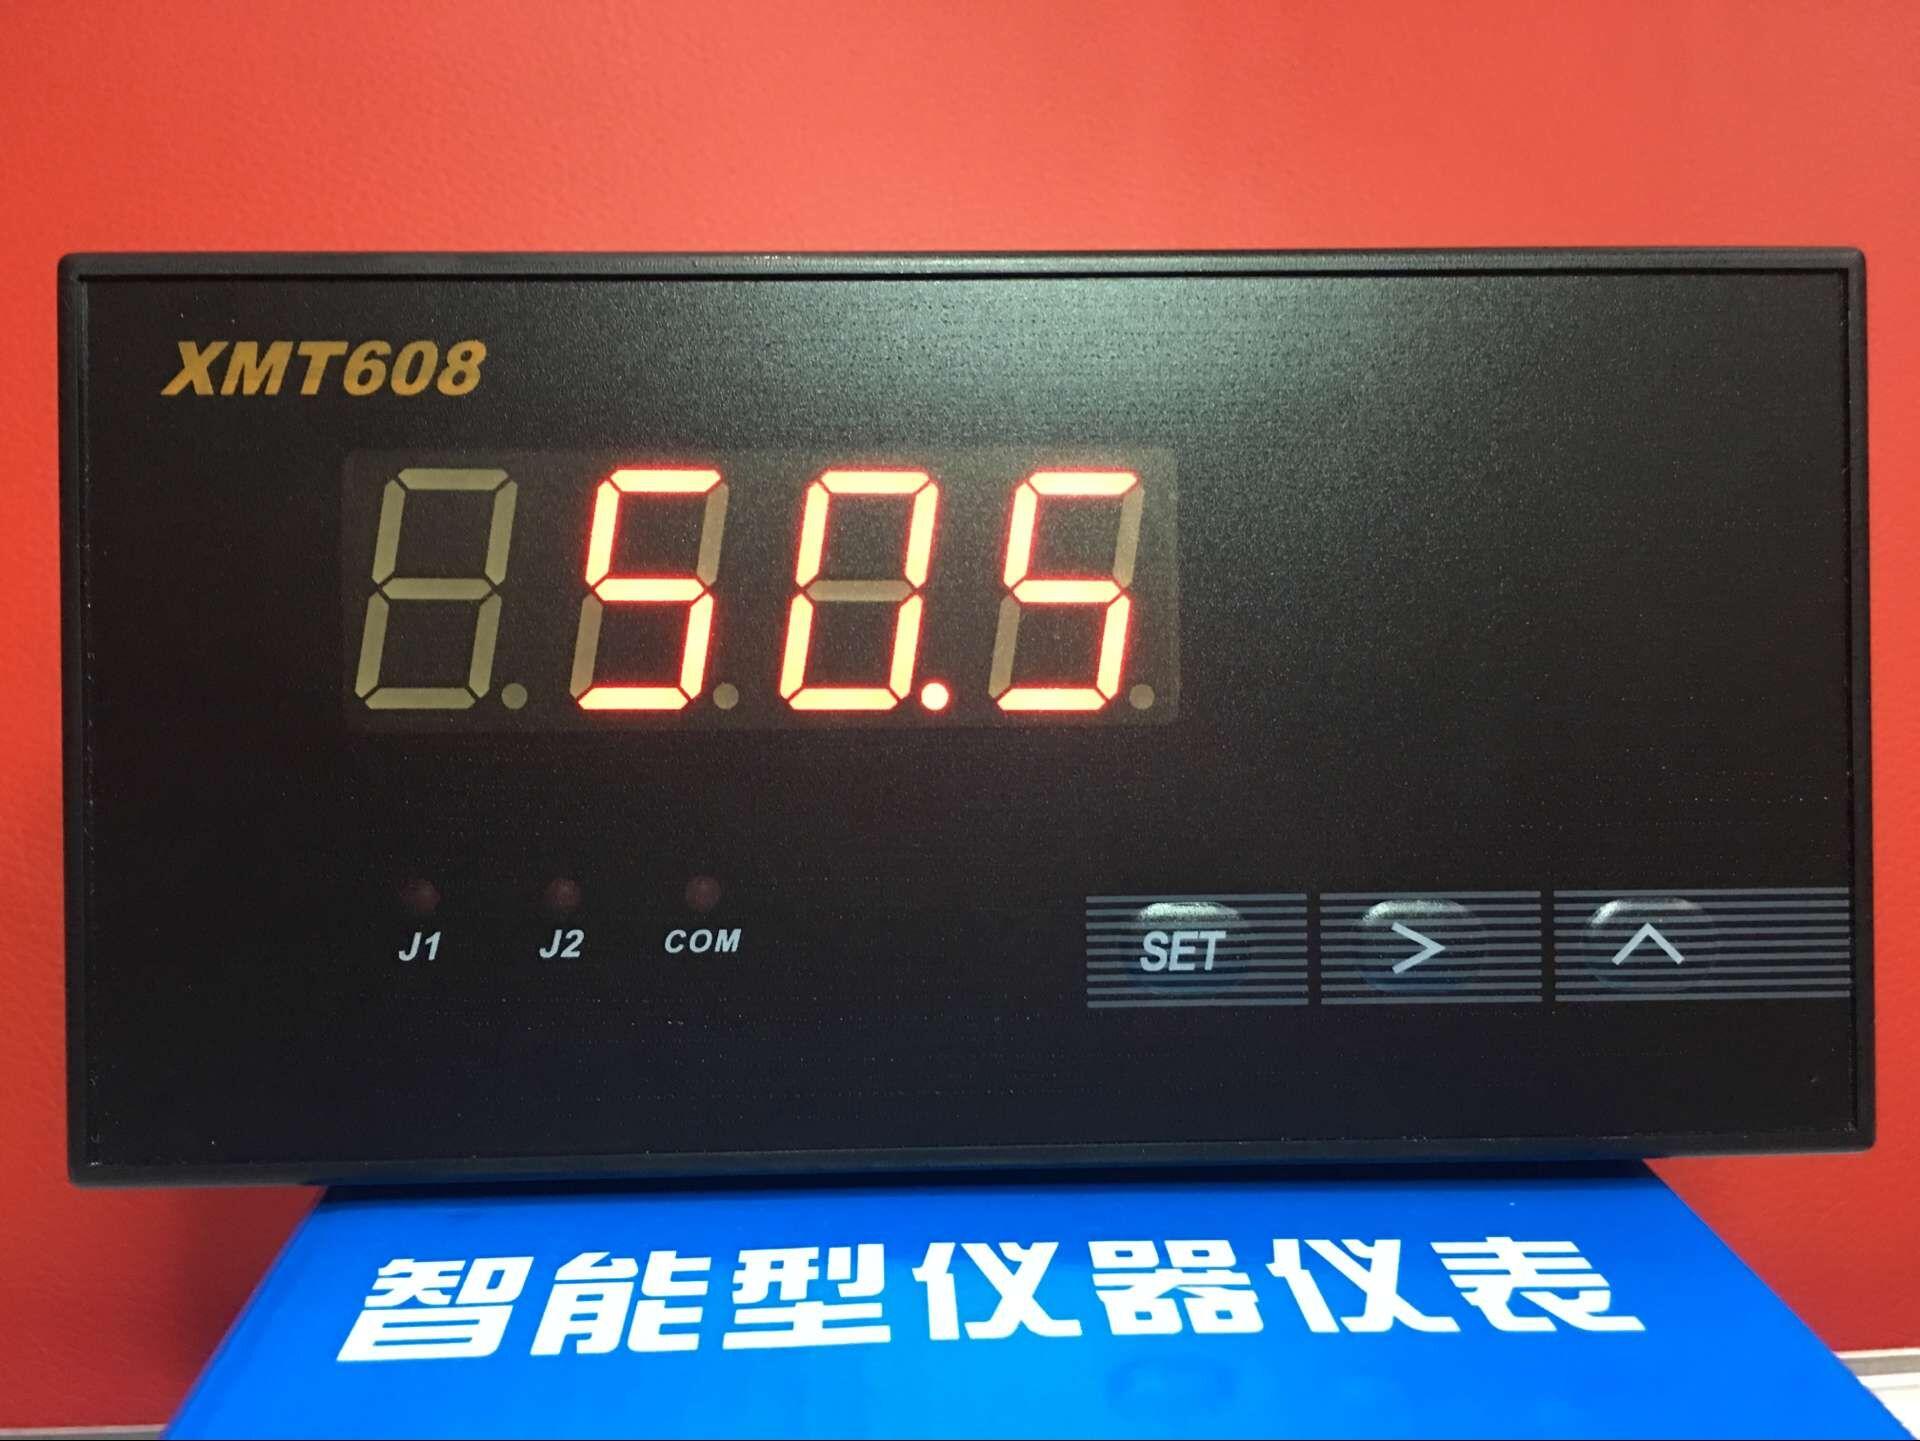 termosztát a hőmérséklet 数显 hőmérséklet nyomásmérő folyadékszint tachométer XMT608 univerzális input - relé